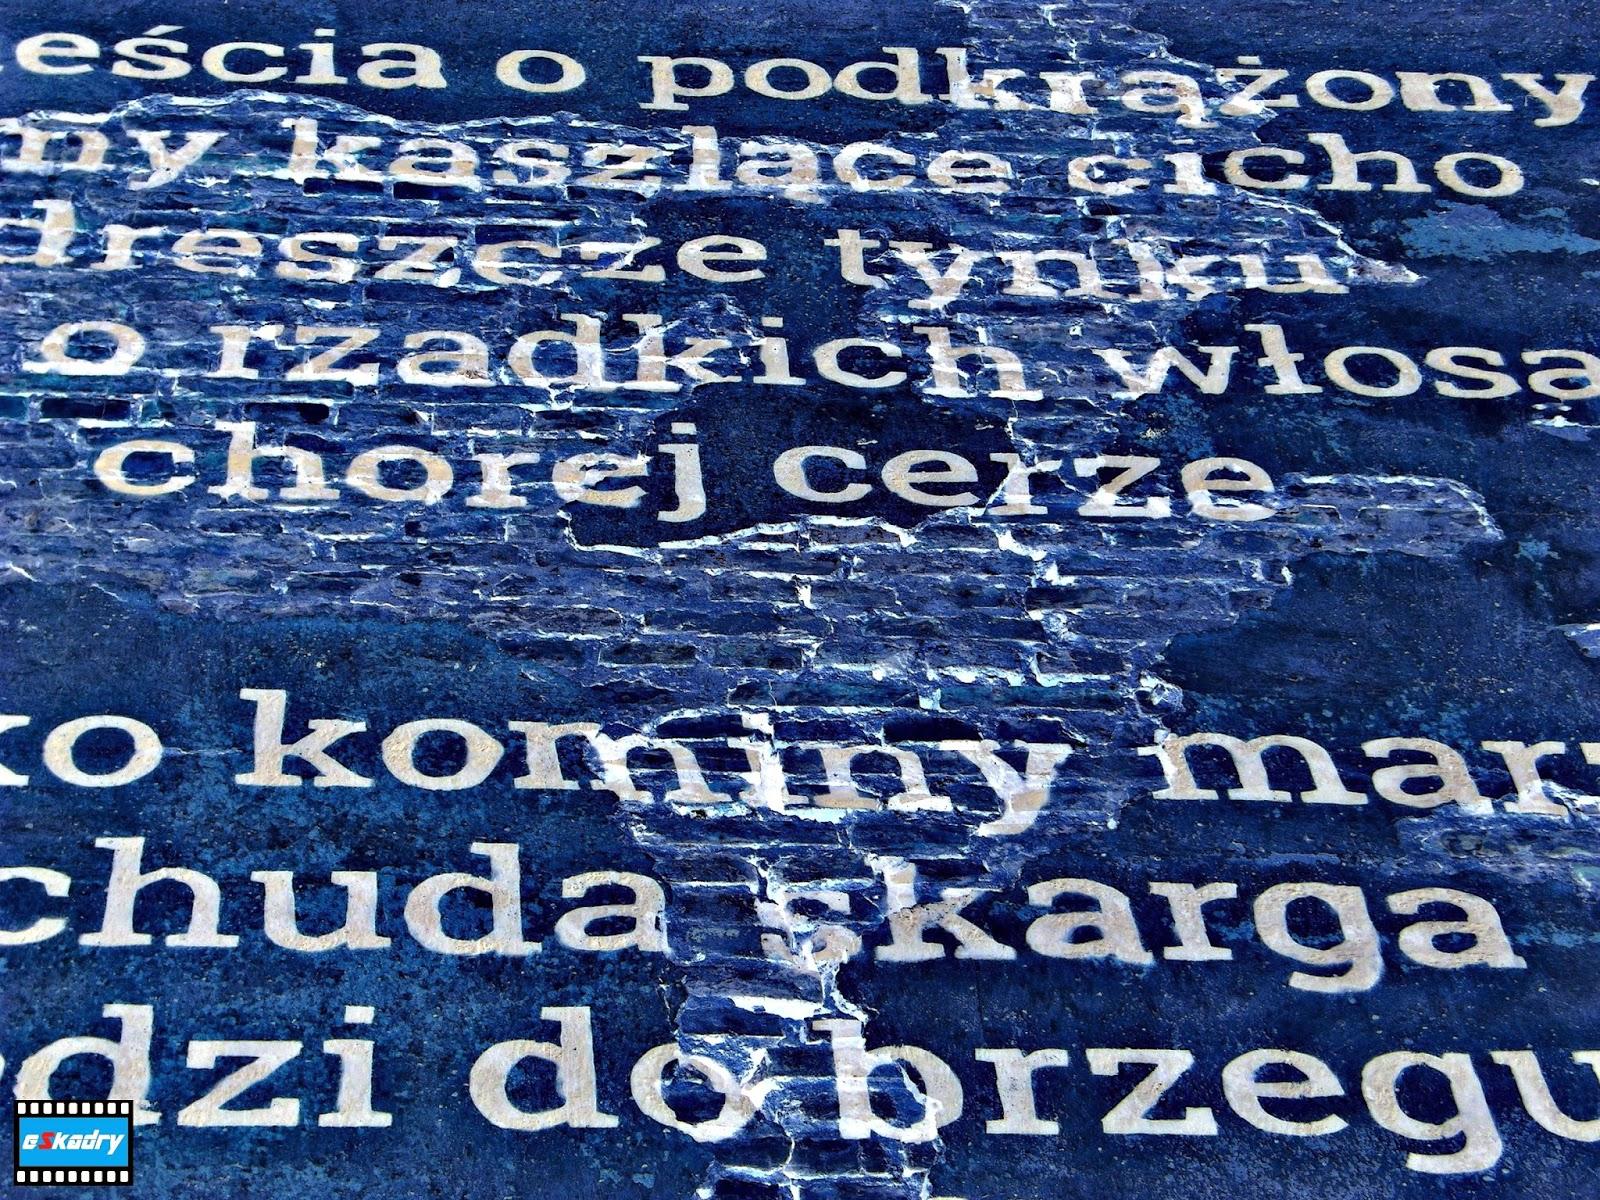 Eskadry Murale Cz 9 Poznań V Wiersze Na Jeżycach